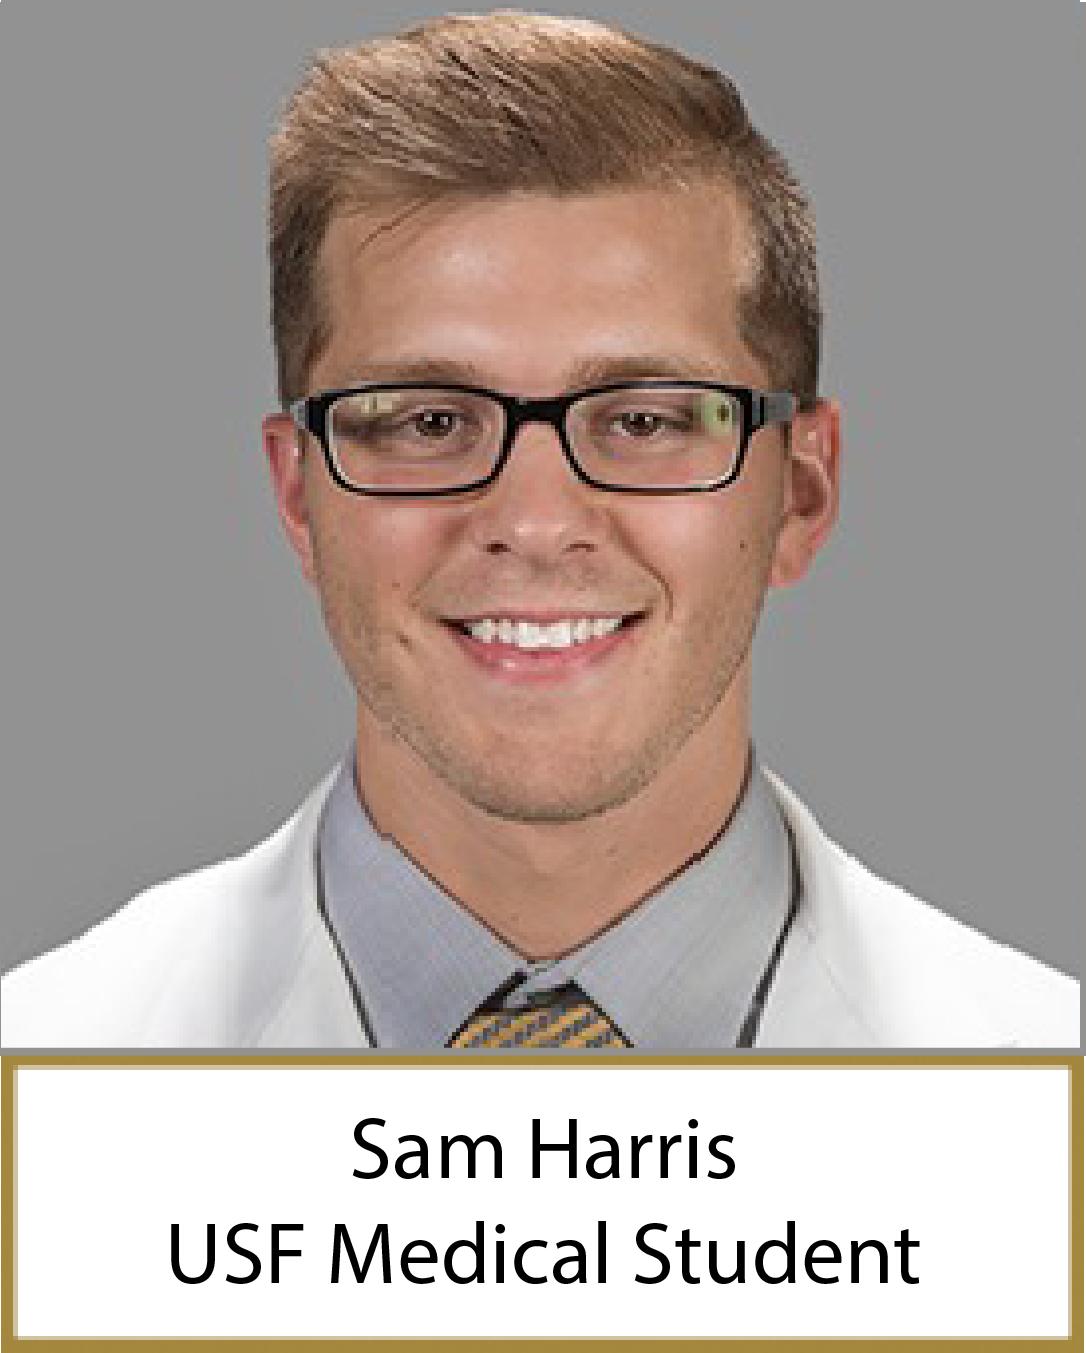 Sam Harris 2021